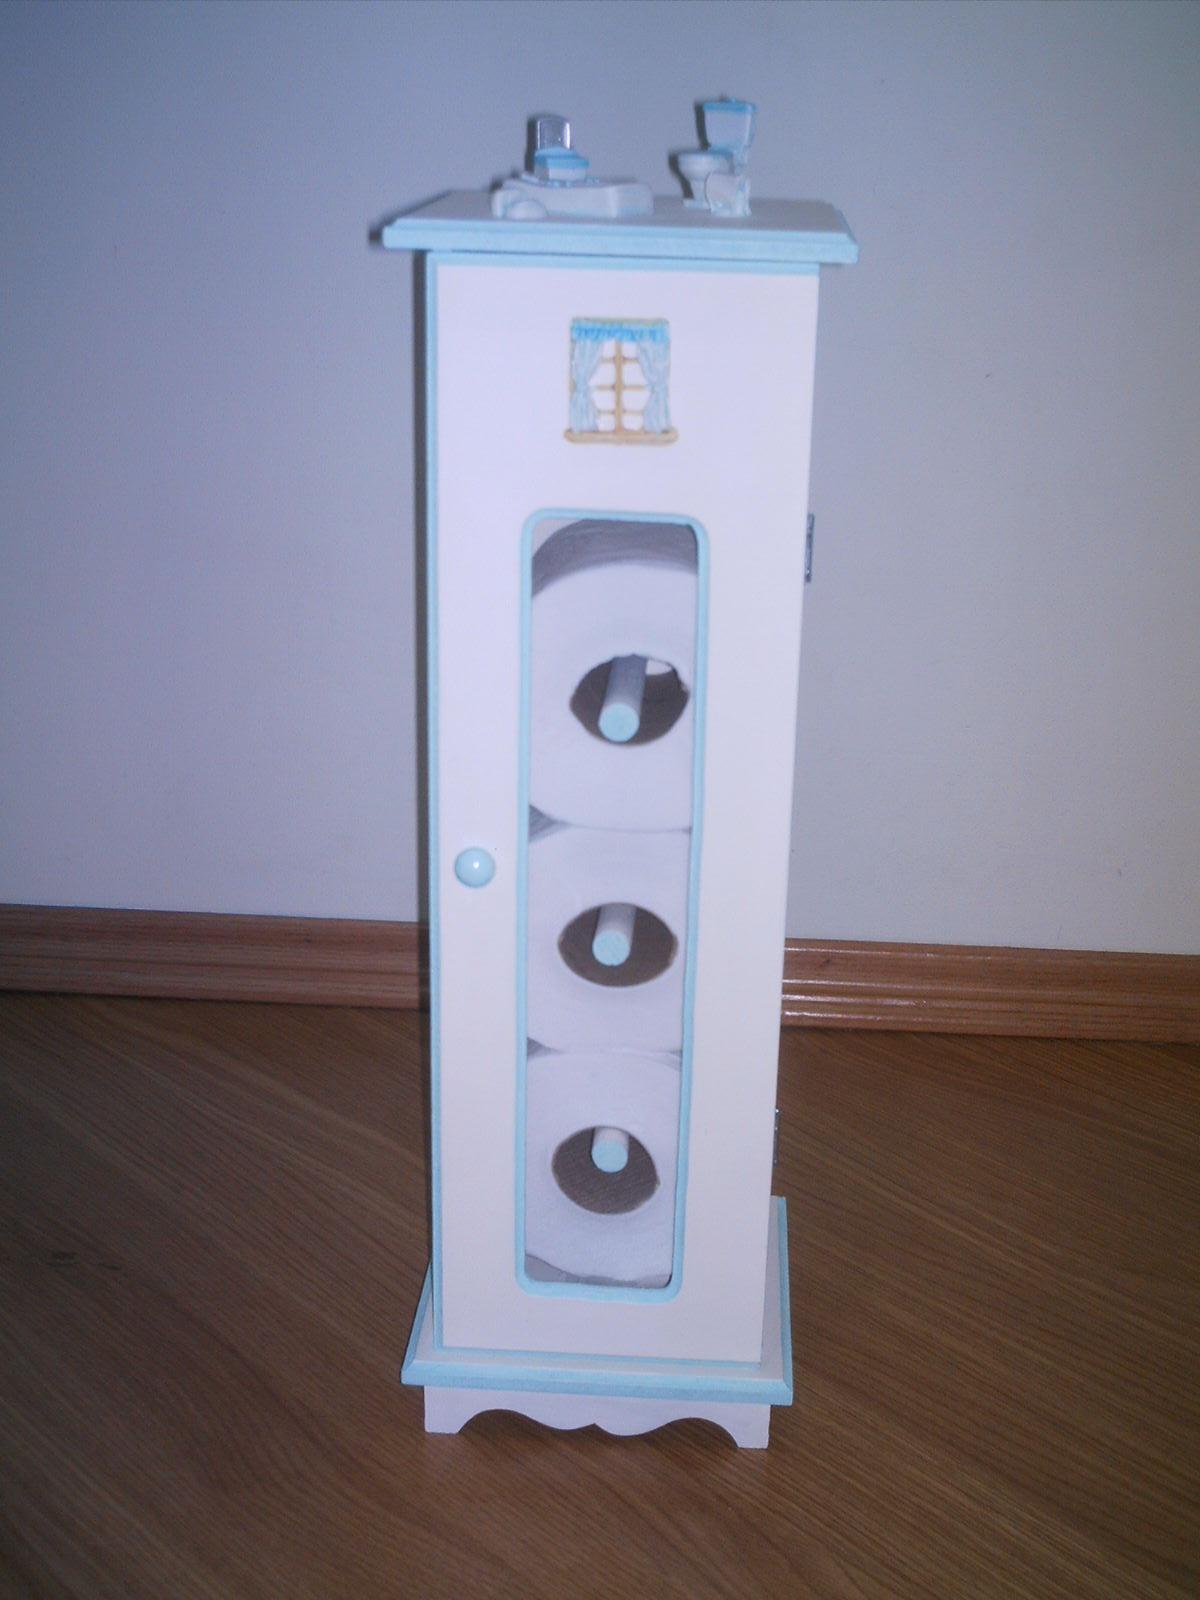 Artes da Cacau Armário Porta papel higiênico para banheiro # Armario De Banheiro Com Porta Papel Higienico